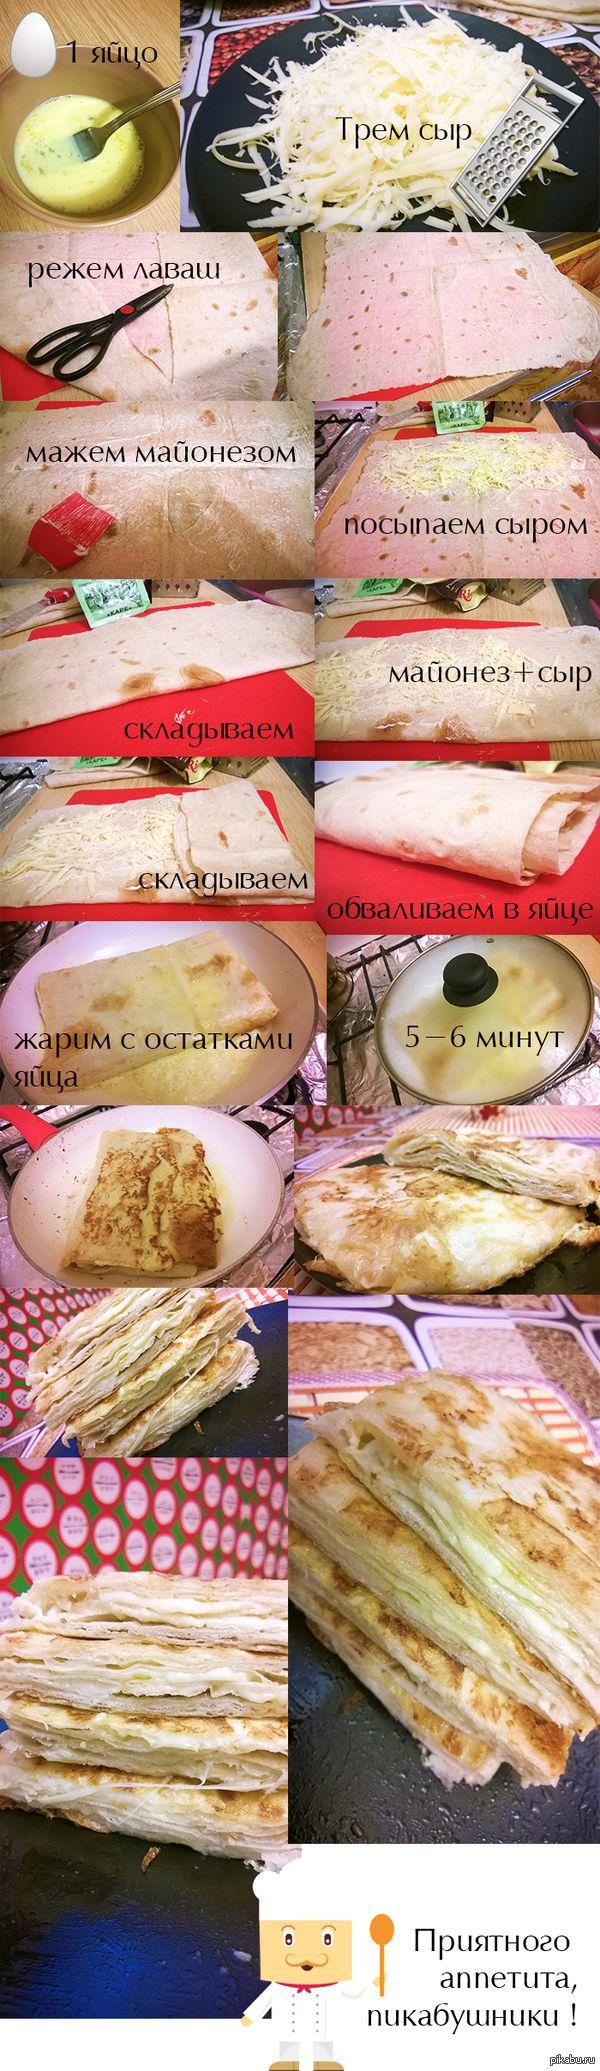 Вкуснейший лаваш лаваш сыр яйцо  рецепт, лаваш, вкусно, длиннопост